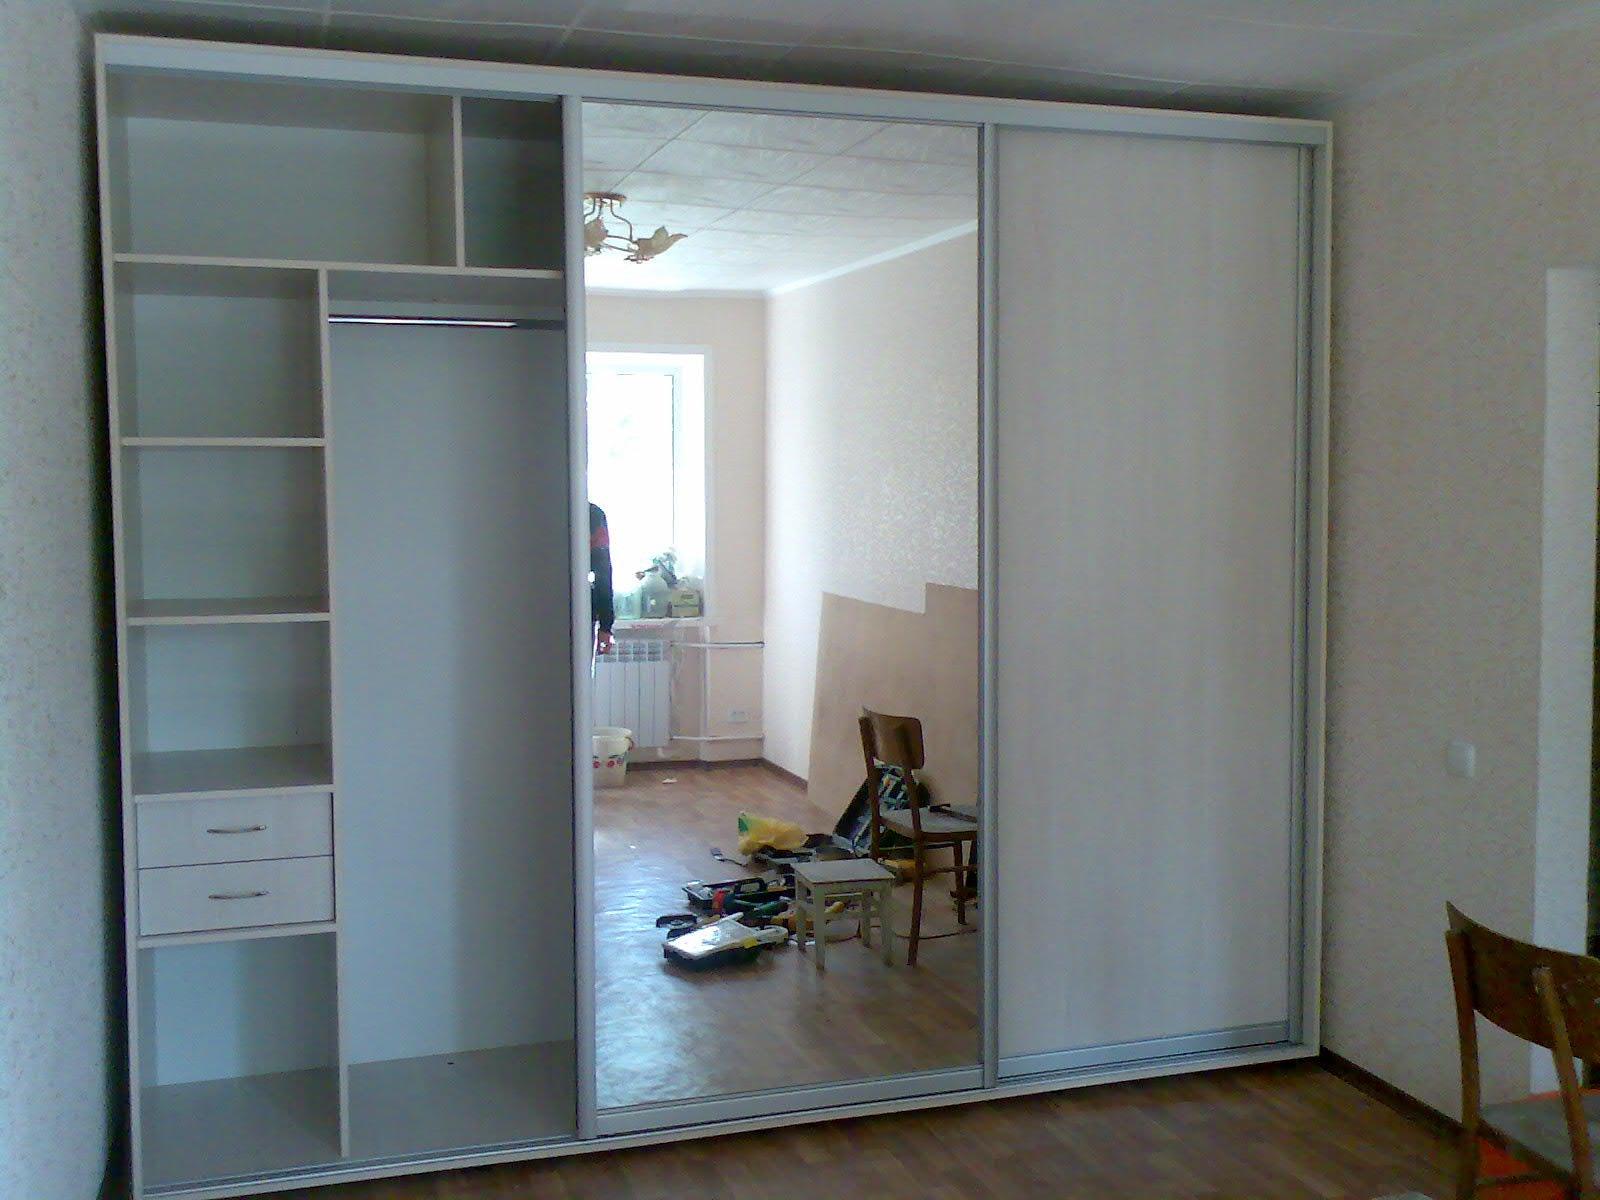 Фото как самостоятельно сделать встроенный шкаф.